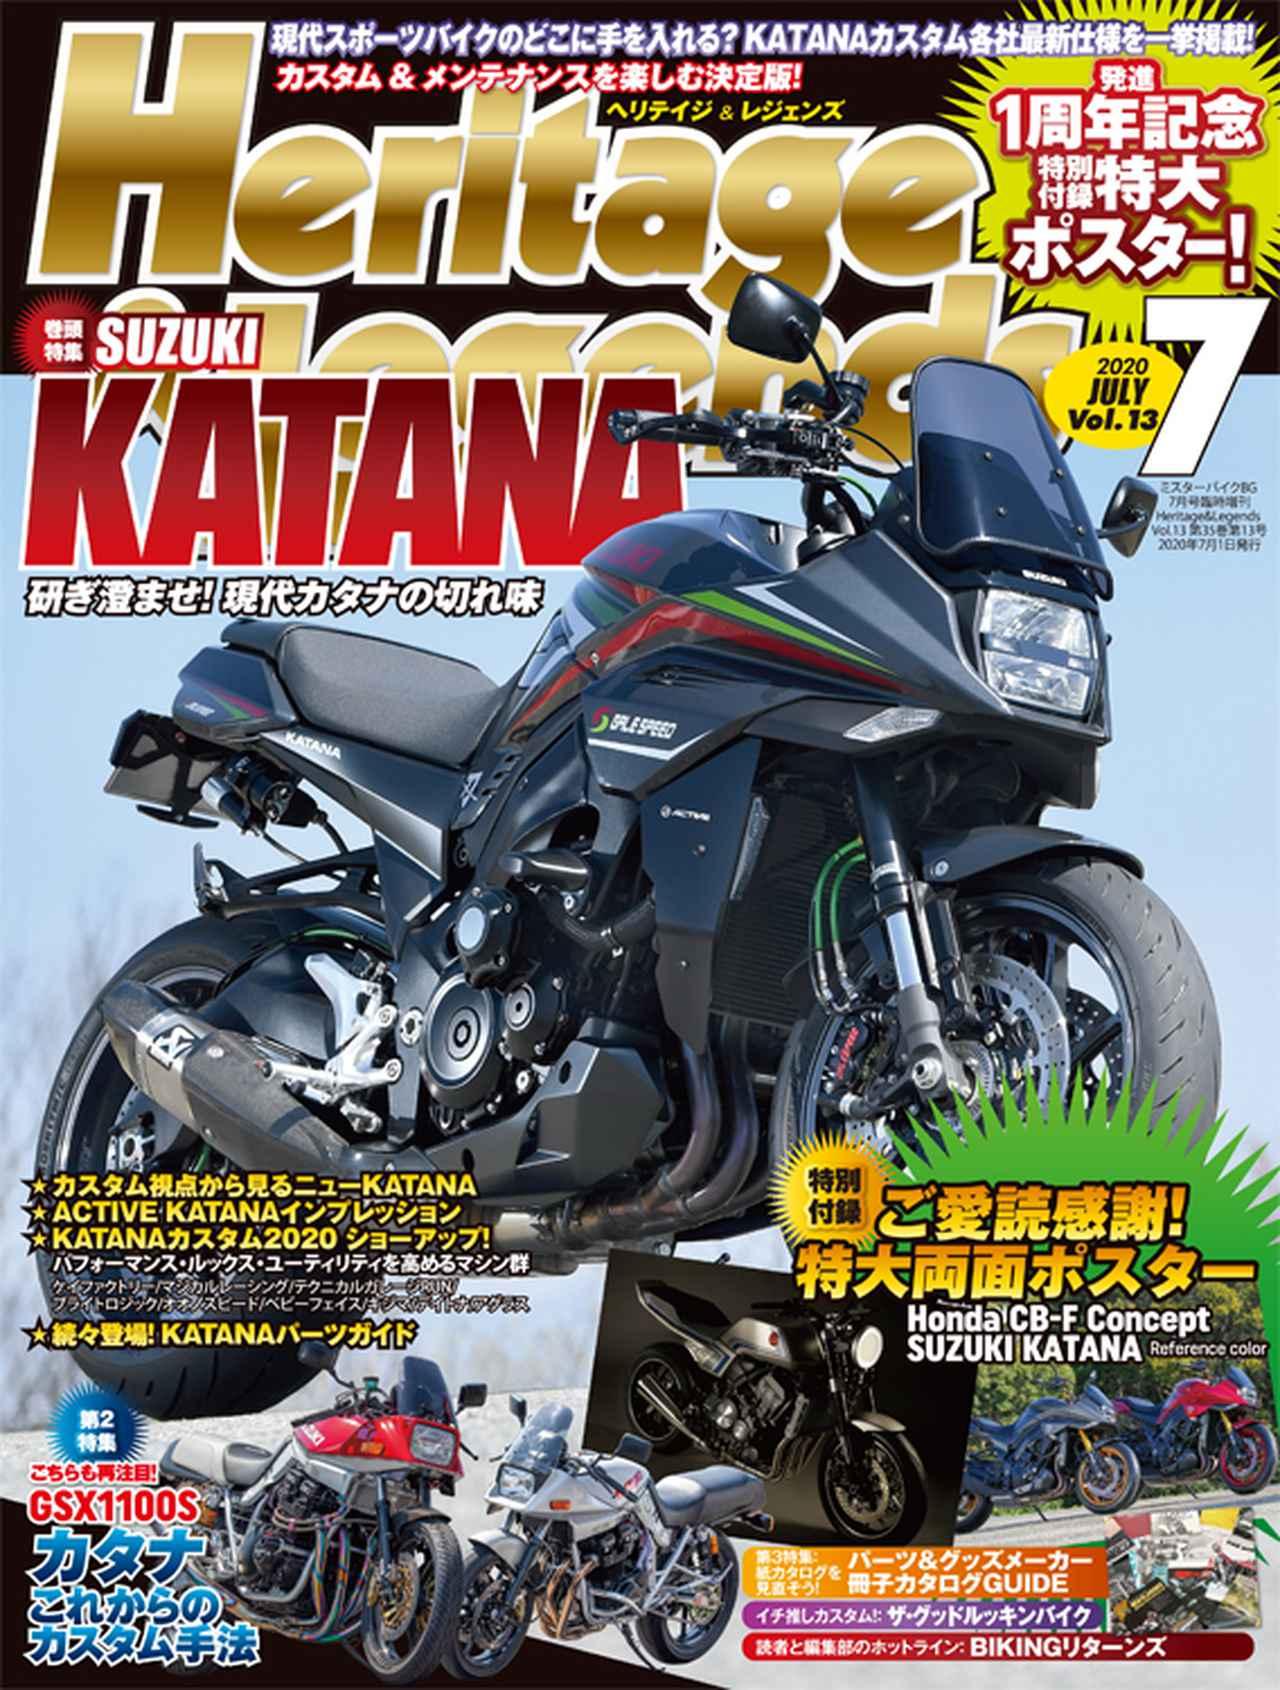 画像: 月刊『ヘリテイジ&レジェンズ』創刊1周年! 7月号(Vol.13)発売! | ヘリテイジ&レジェンズ|Heritage& Legends